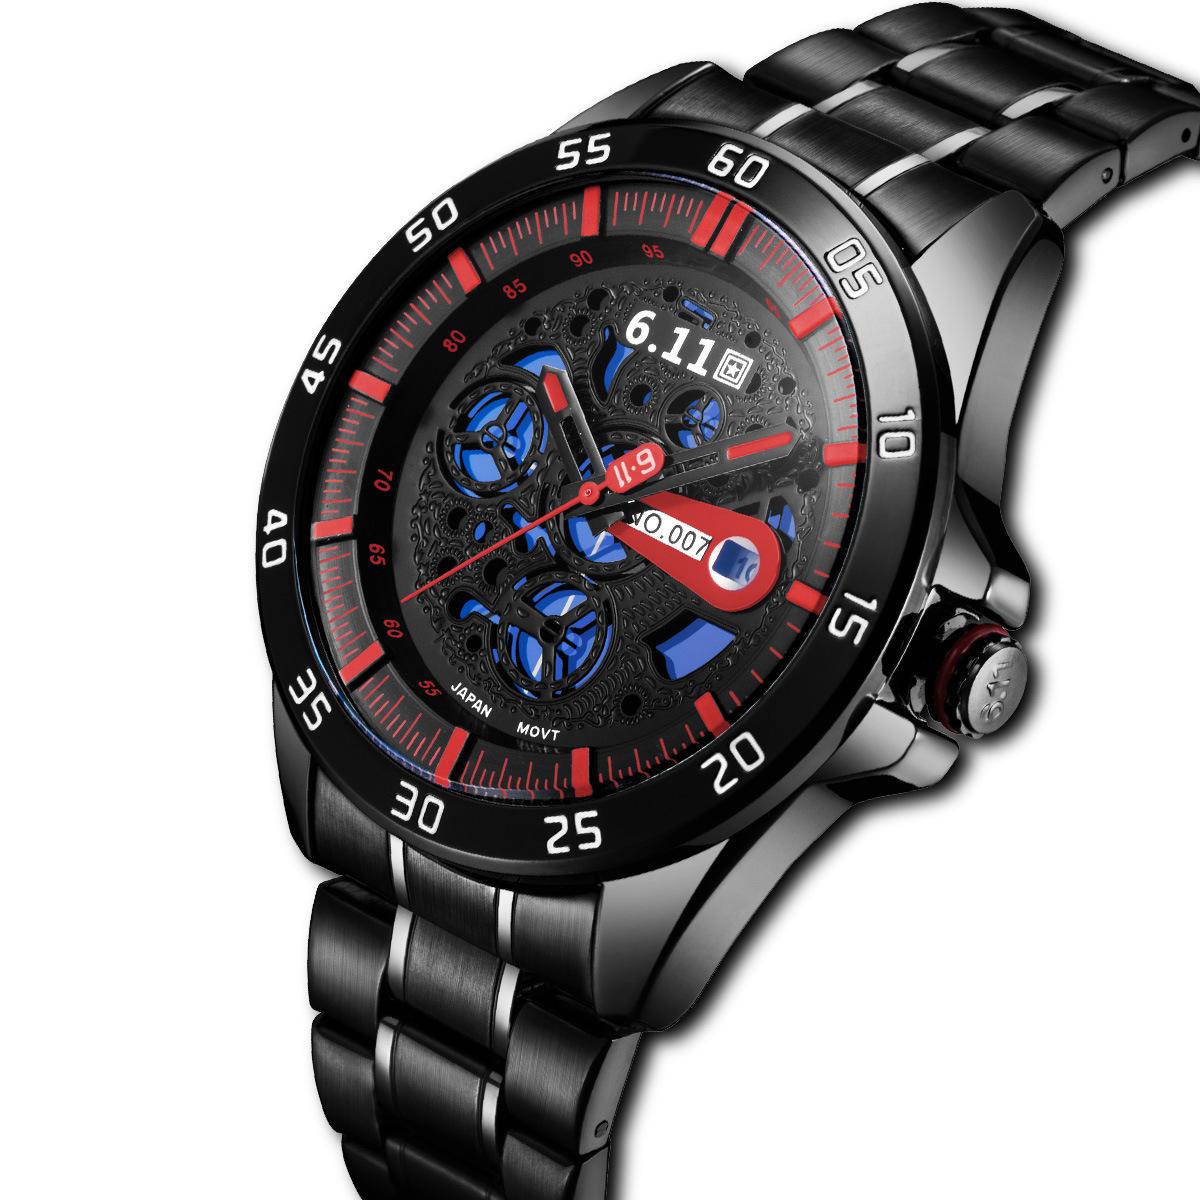 6.11光电转换表石英表 光电手表钢带水带日历光动能表